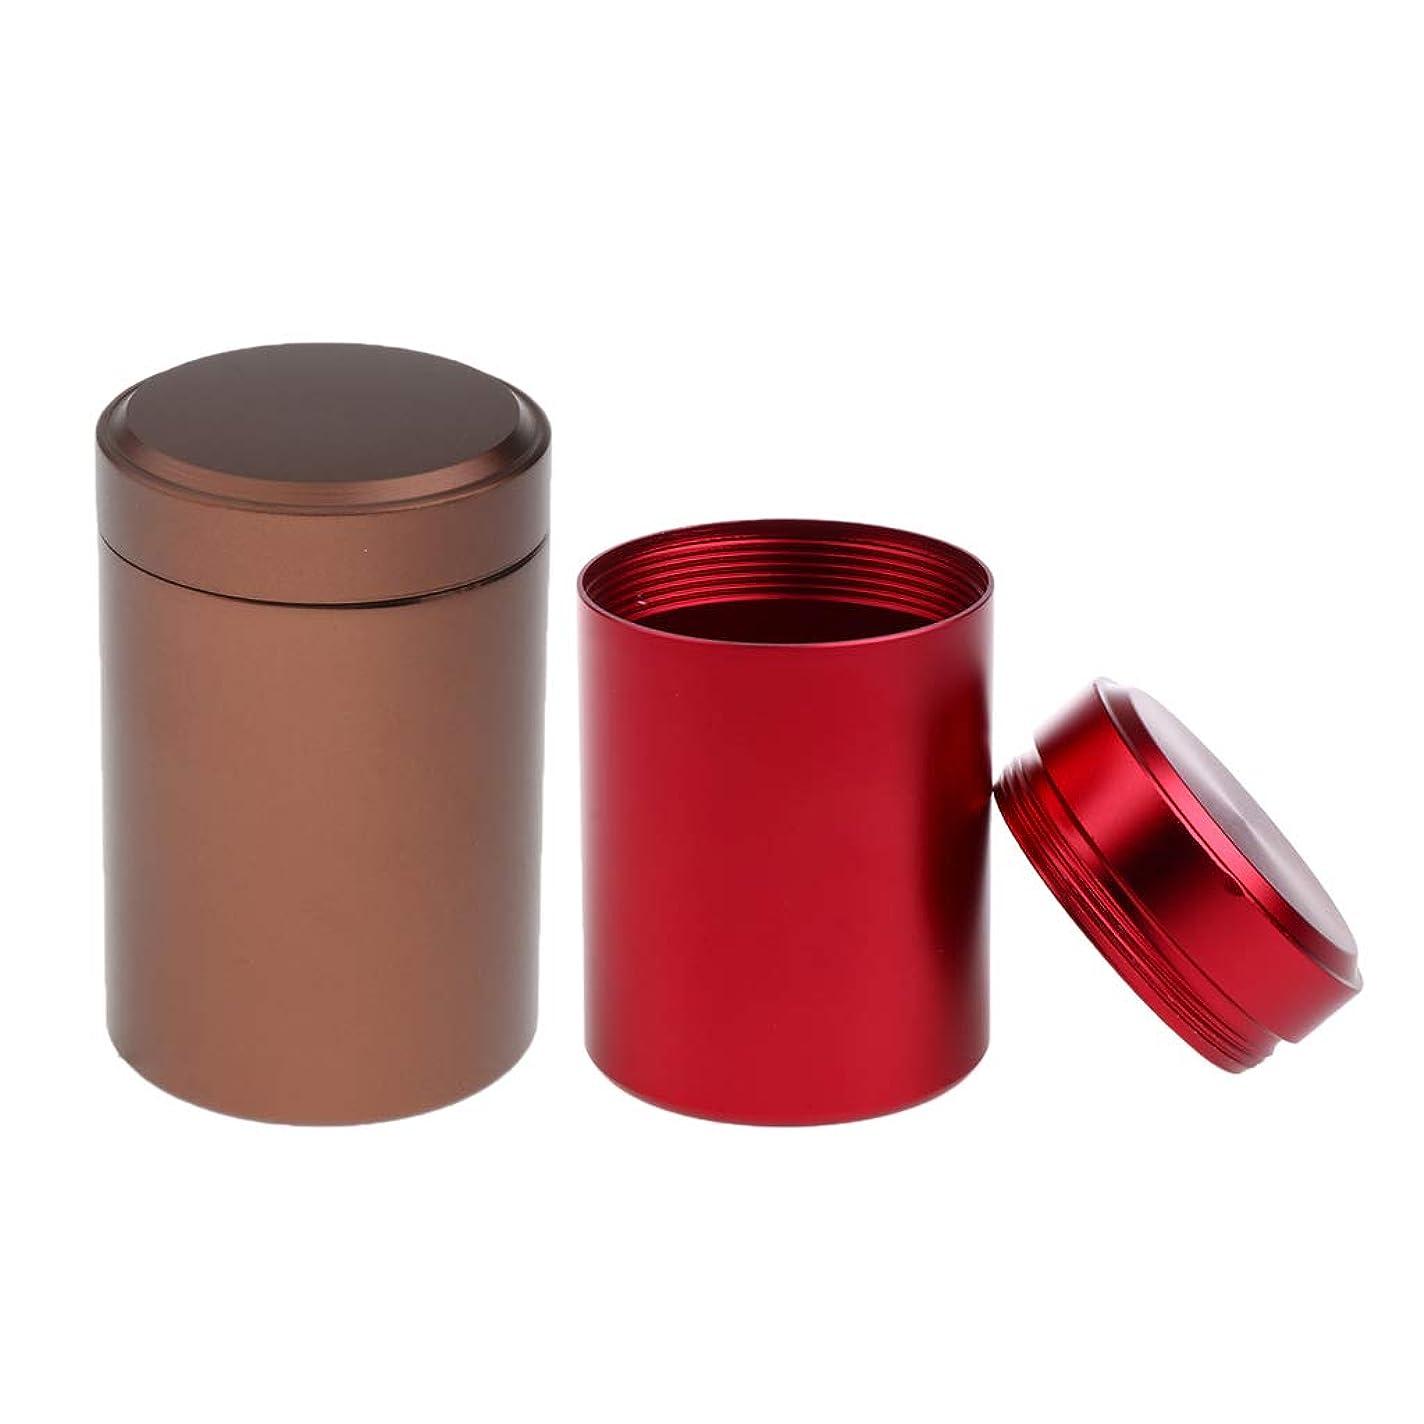 ウェーハリットル普及sharprepublic アルミ缶 ストレージボックス 保存容器 薬収納ケース ジャー 紅茶/コーヒー 小物入れ 携帯便利 2個